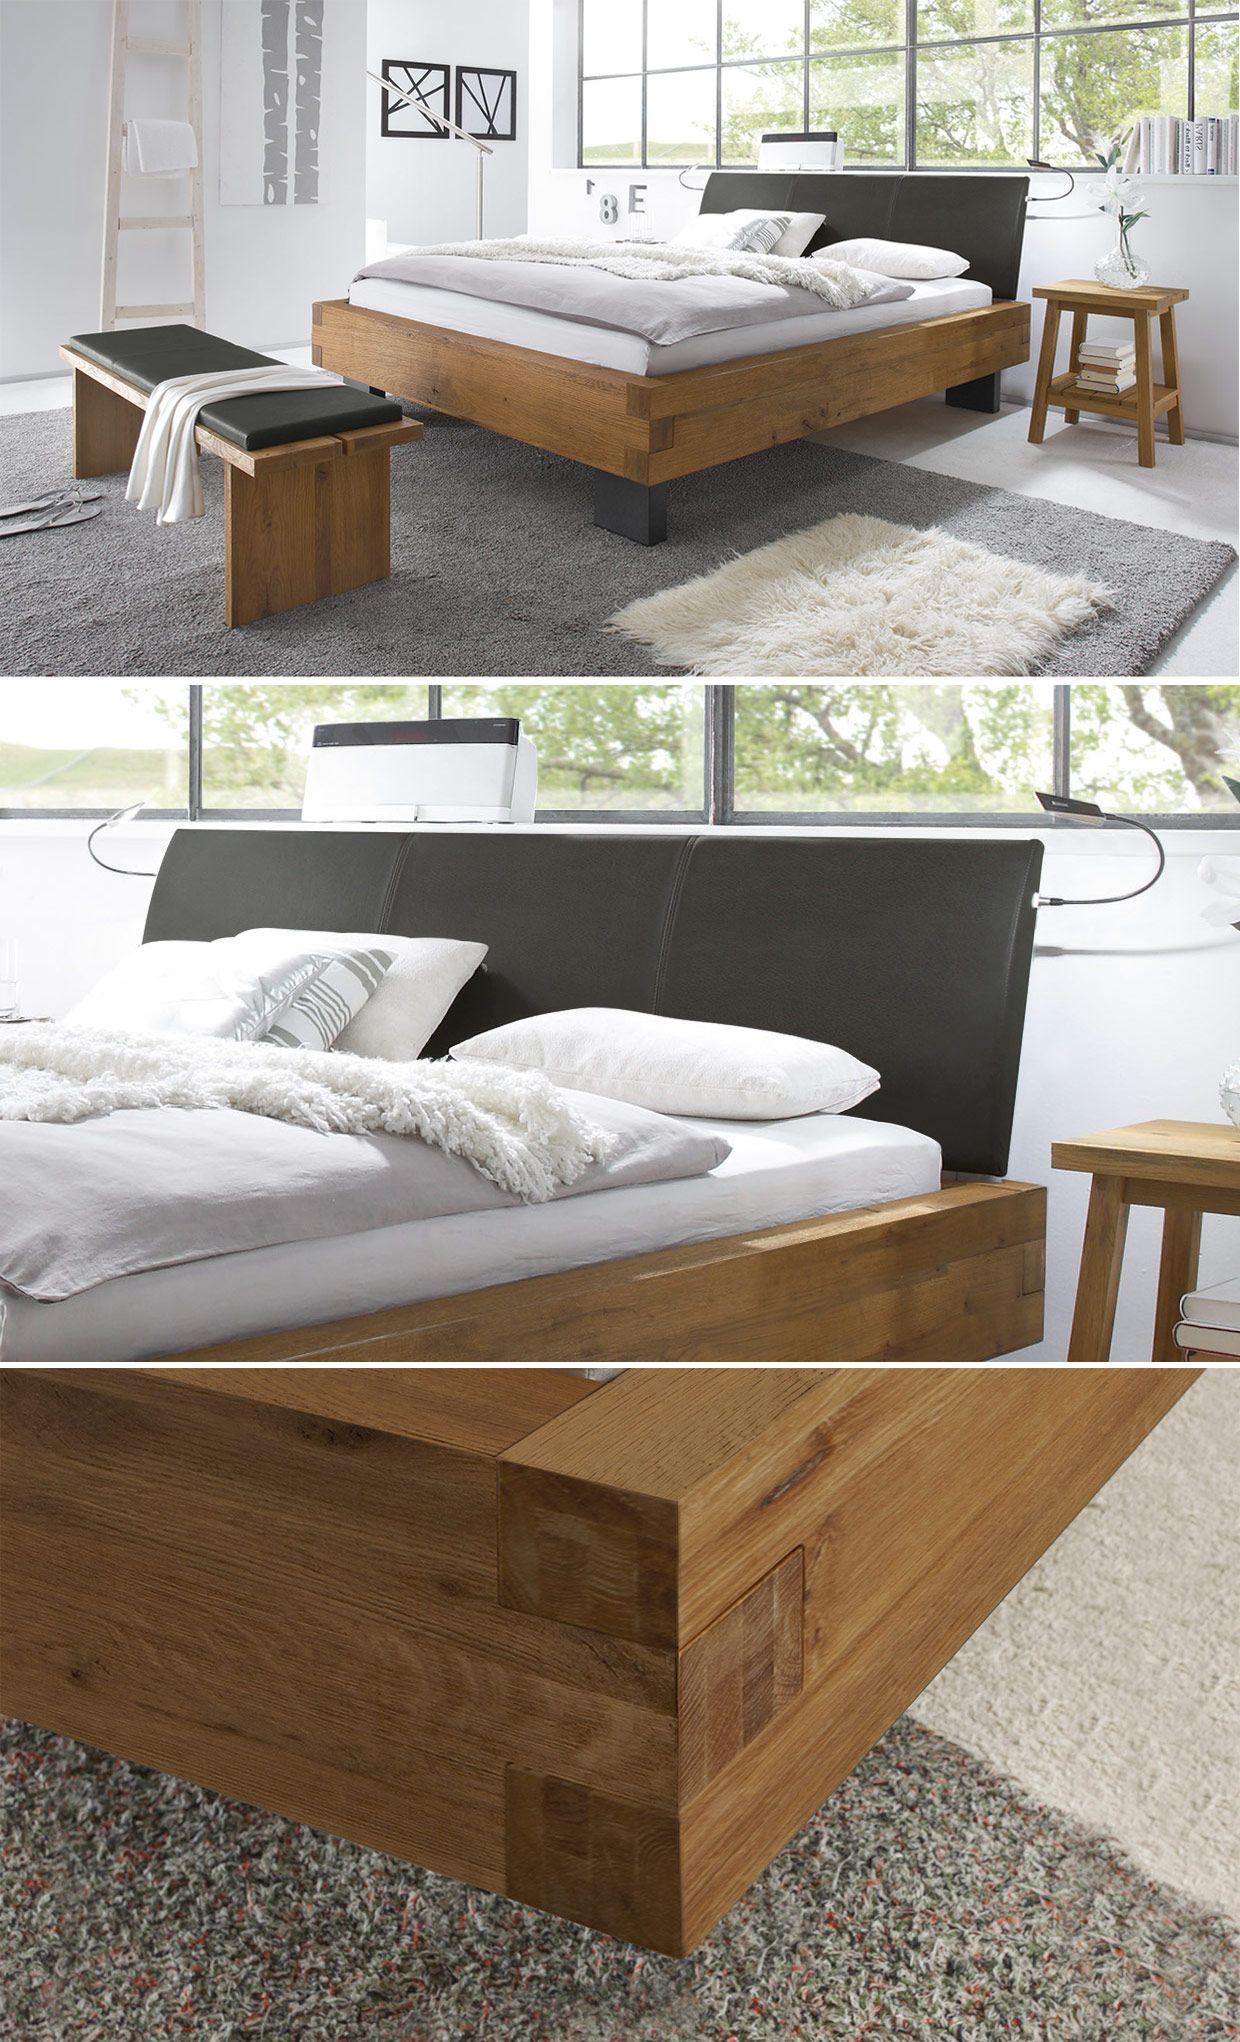 Full Size of Bett Holz Leros Rustikal Dico Betten 200x200 Kaufen Massivholz Ohne Füße 120x200 Weiß 180x200 Schwarz Musterring Mit Unterbett Esstisch Paidi Halbhohes Bett Bett Holz